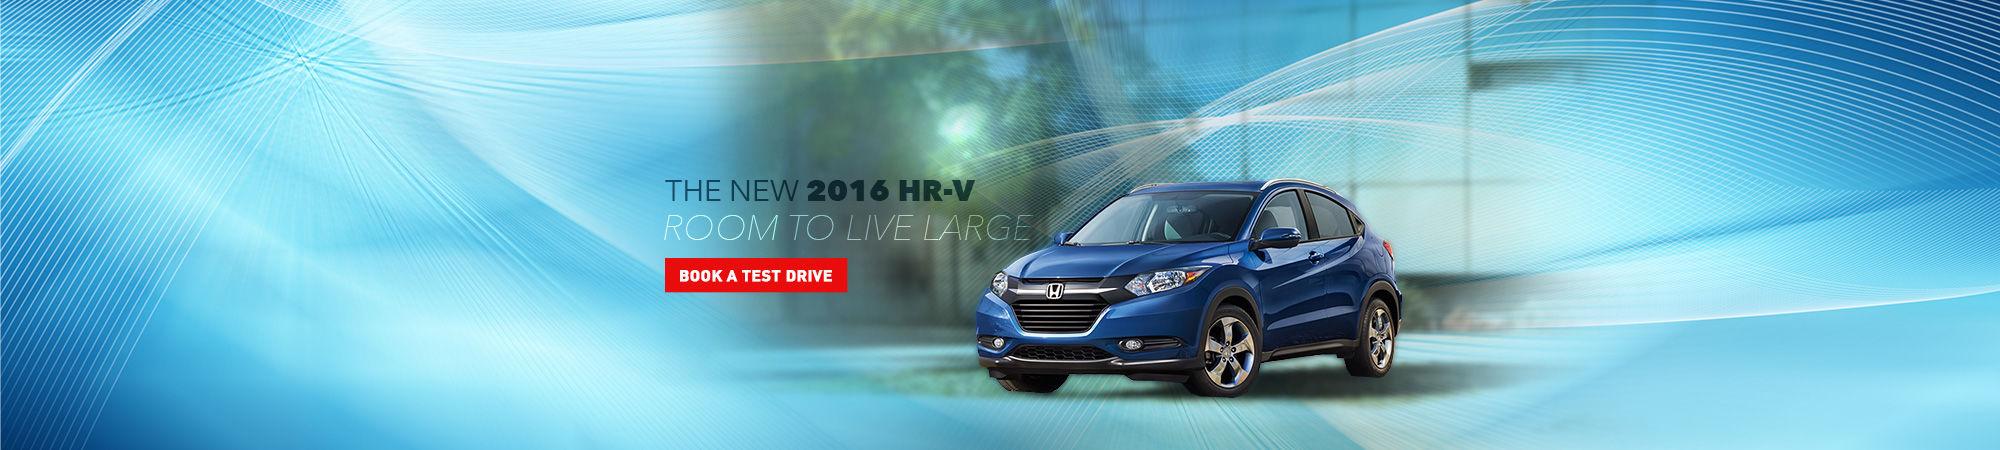 The new 2016 HR-V